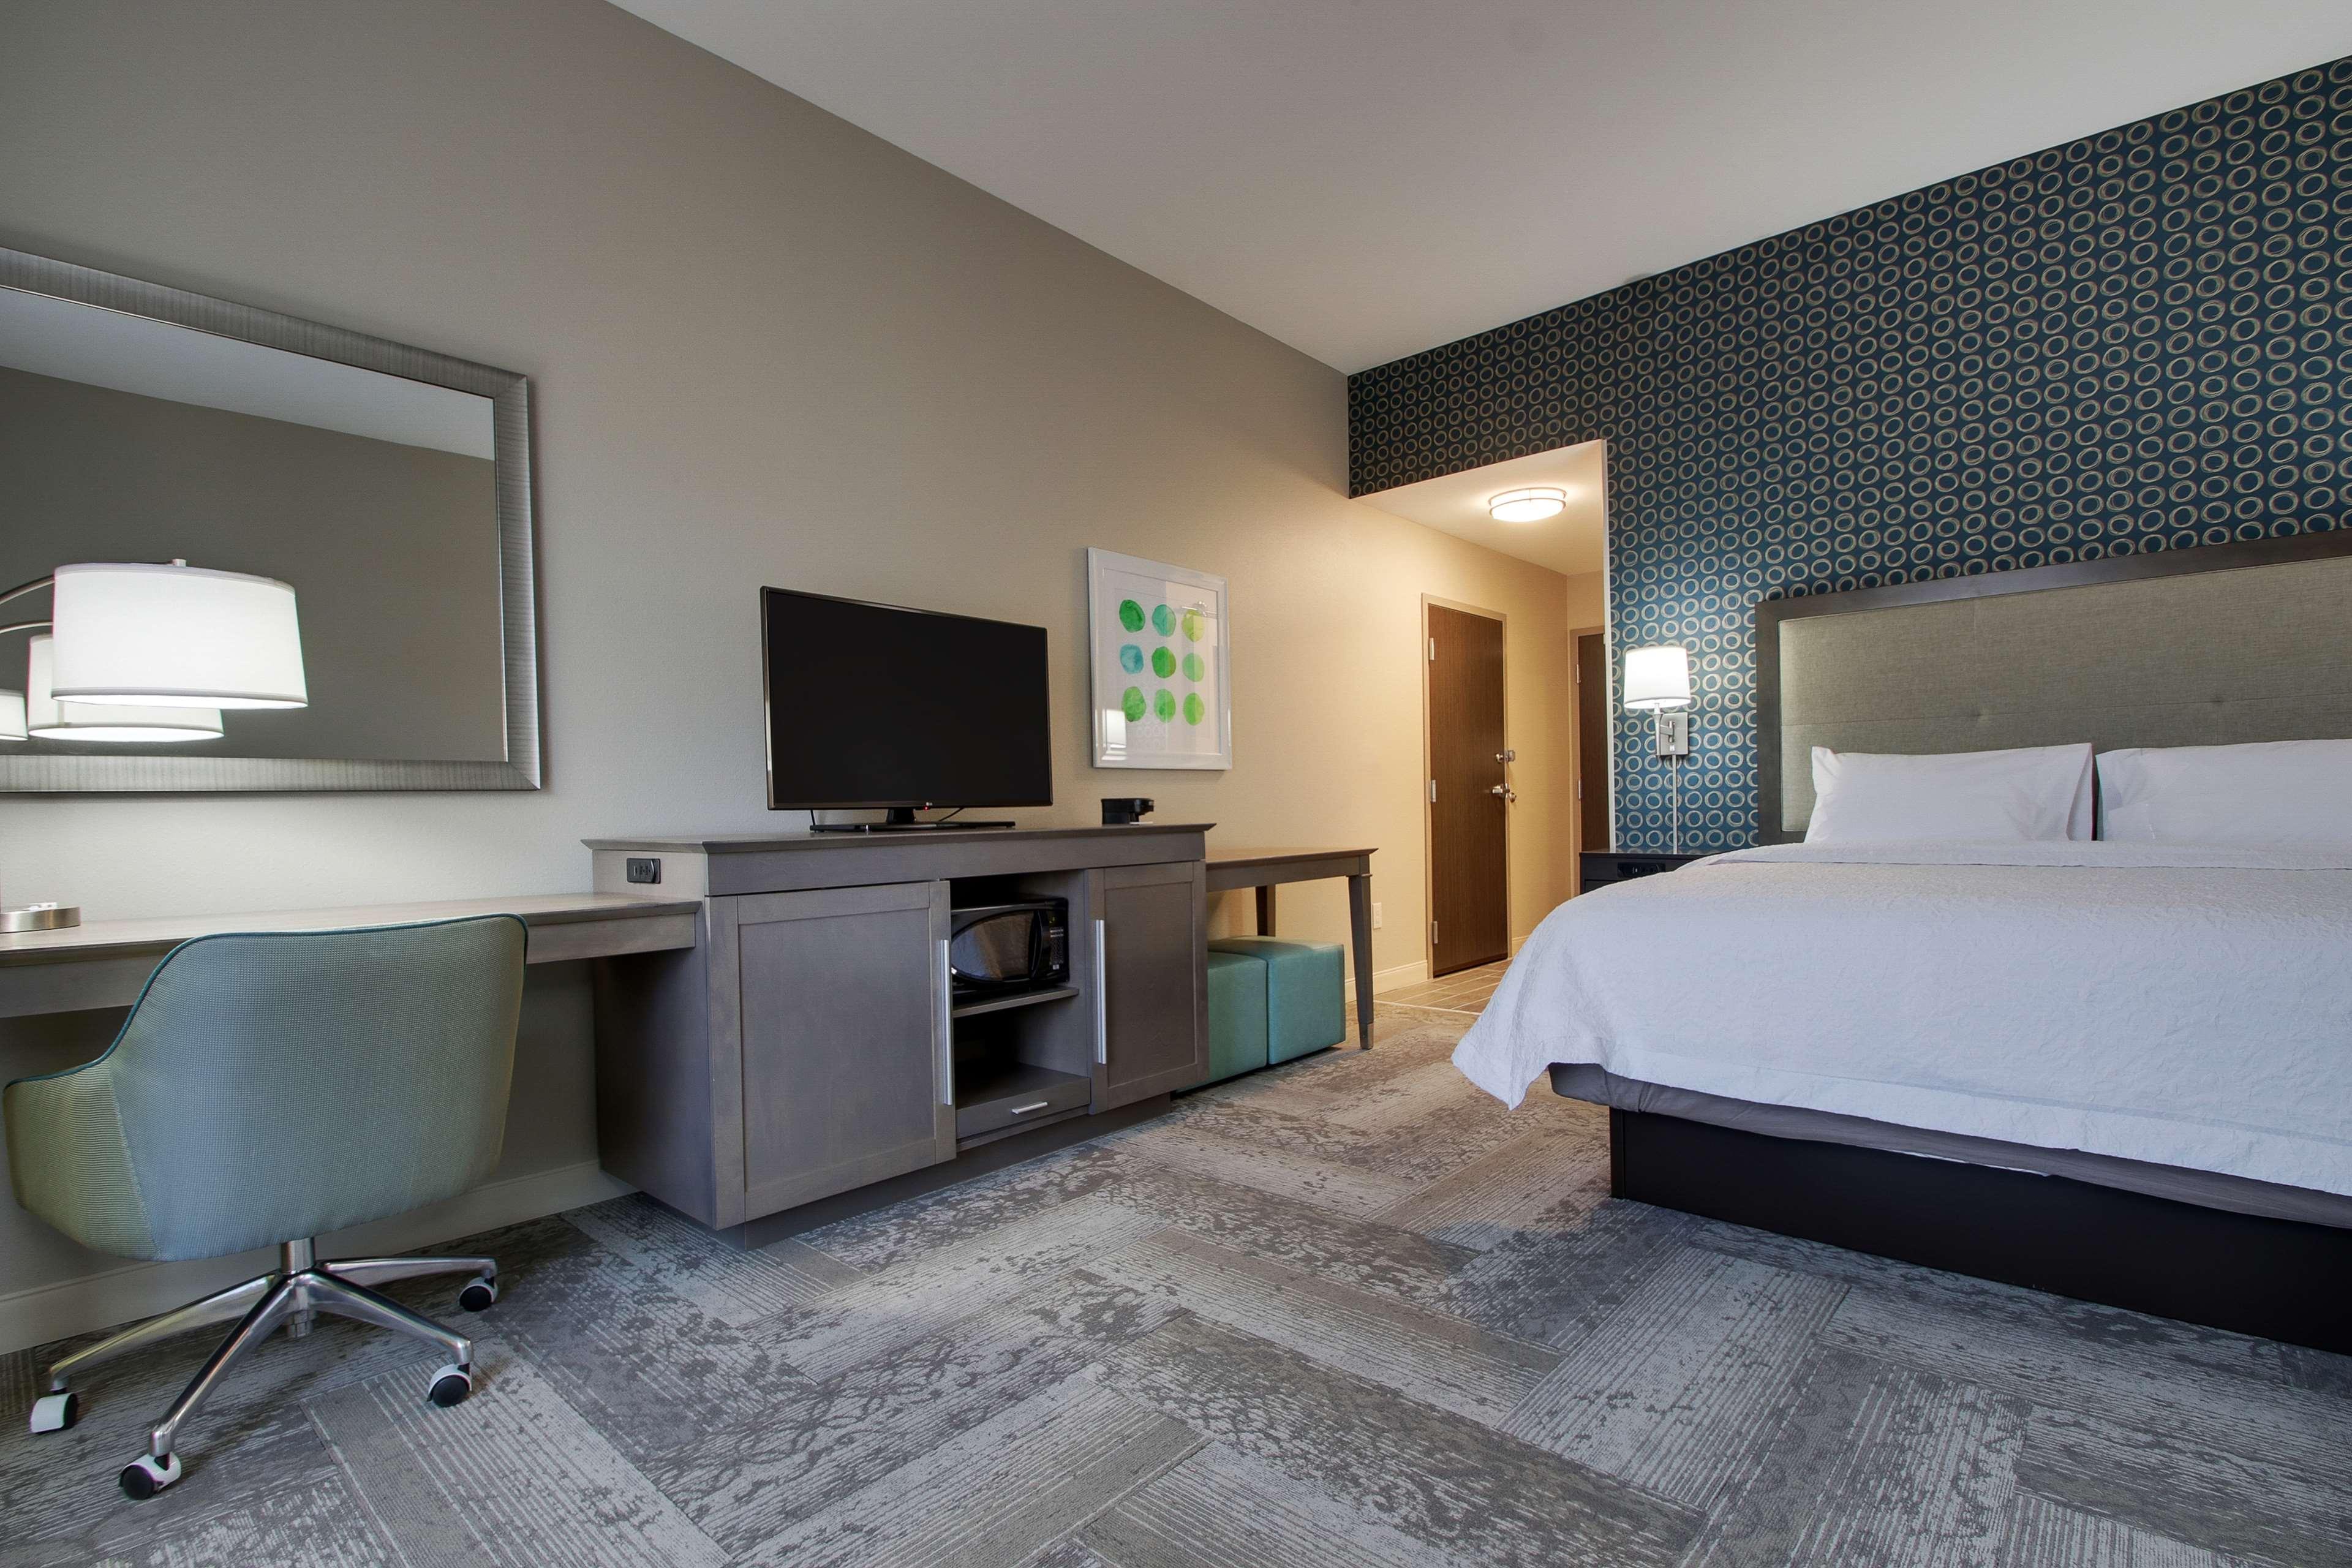 Hampton Inn & Suites Knightdale Raleigh image 22